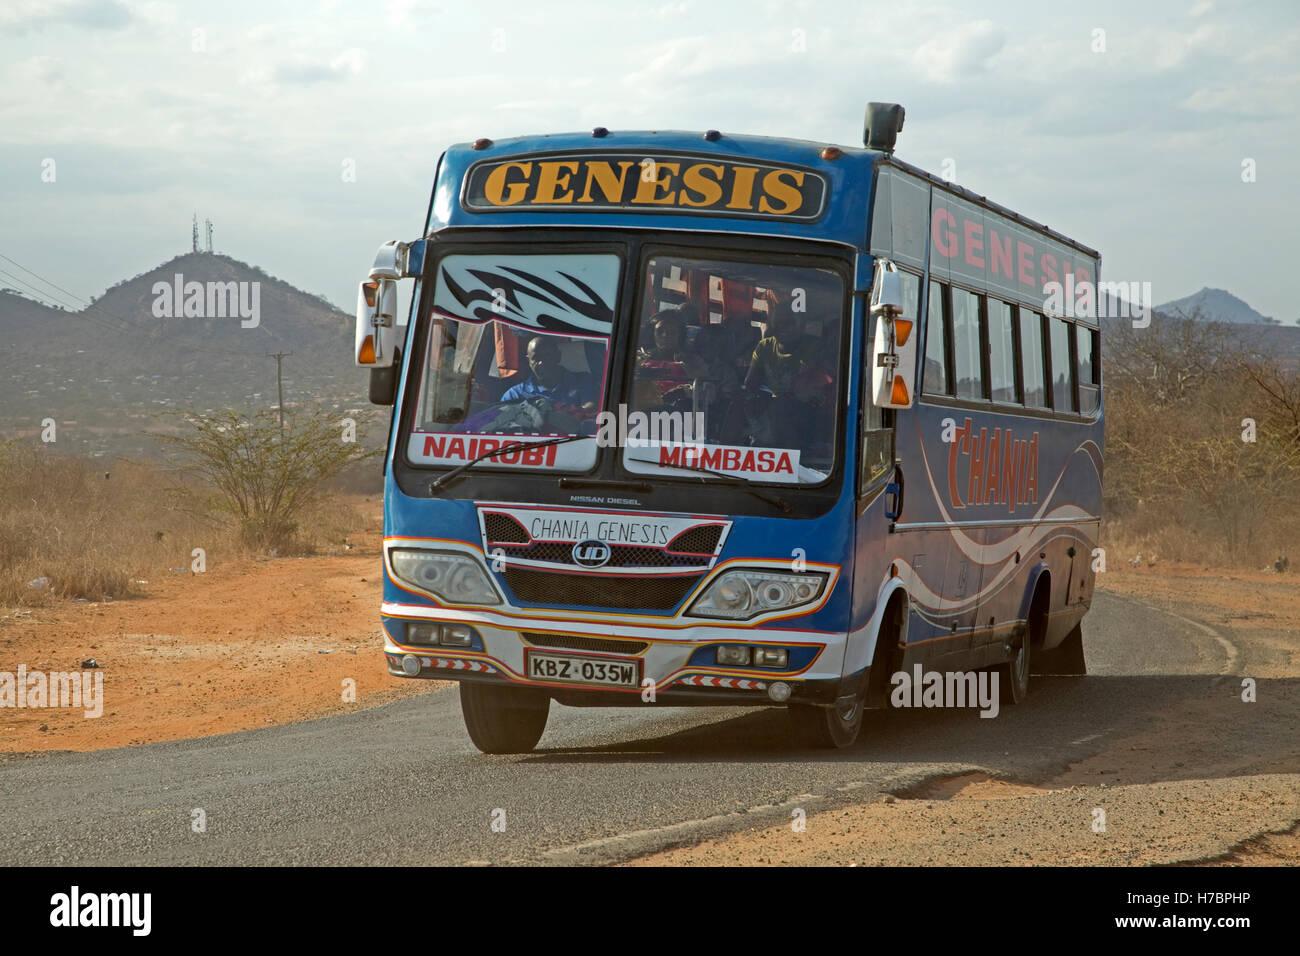 Nairobi-Mombasa-Genesis Bus auf Kenia Mombasa Road Stockbild